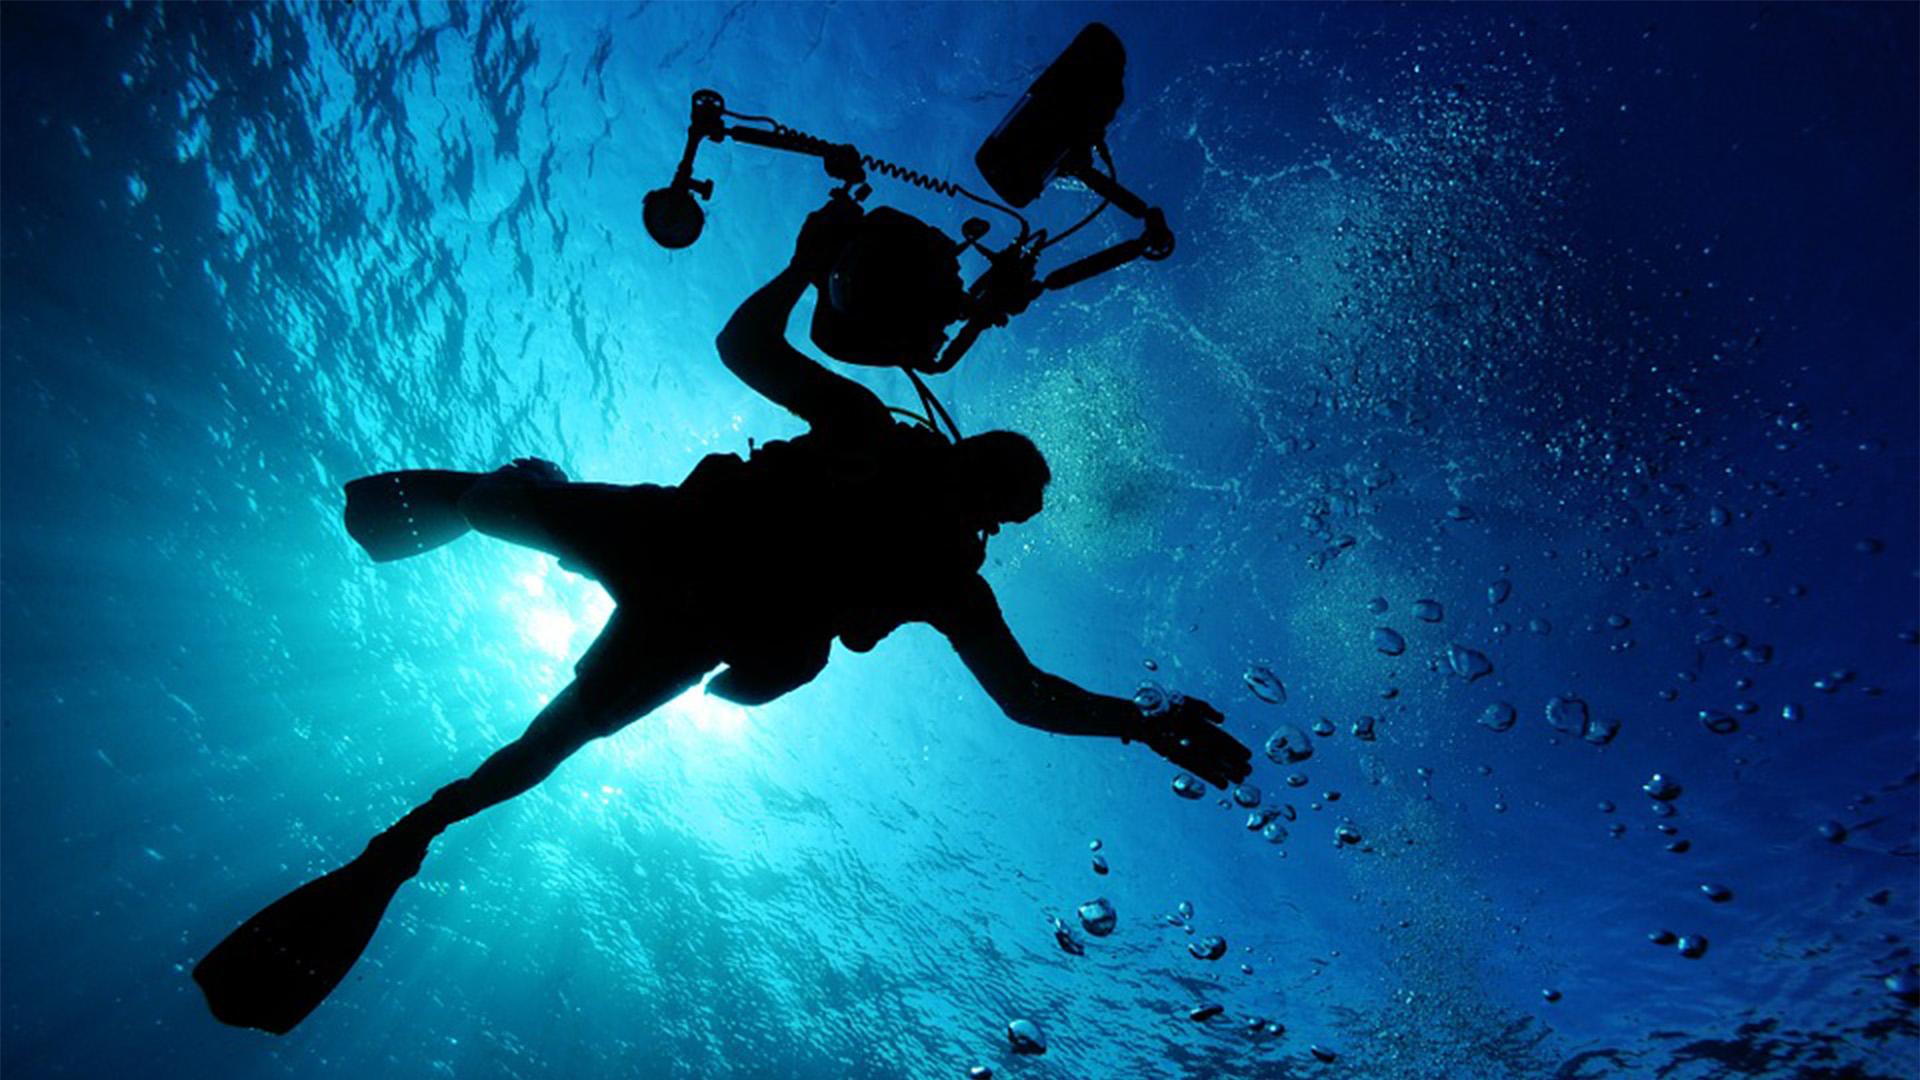 Aktivitäten Sport auf Fuerteventua – ein herrliches Tauchparadies dank Kanarenstrom und Steilküsten.